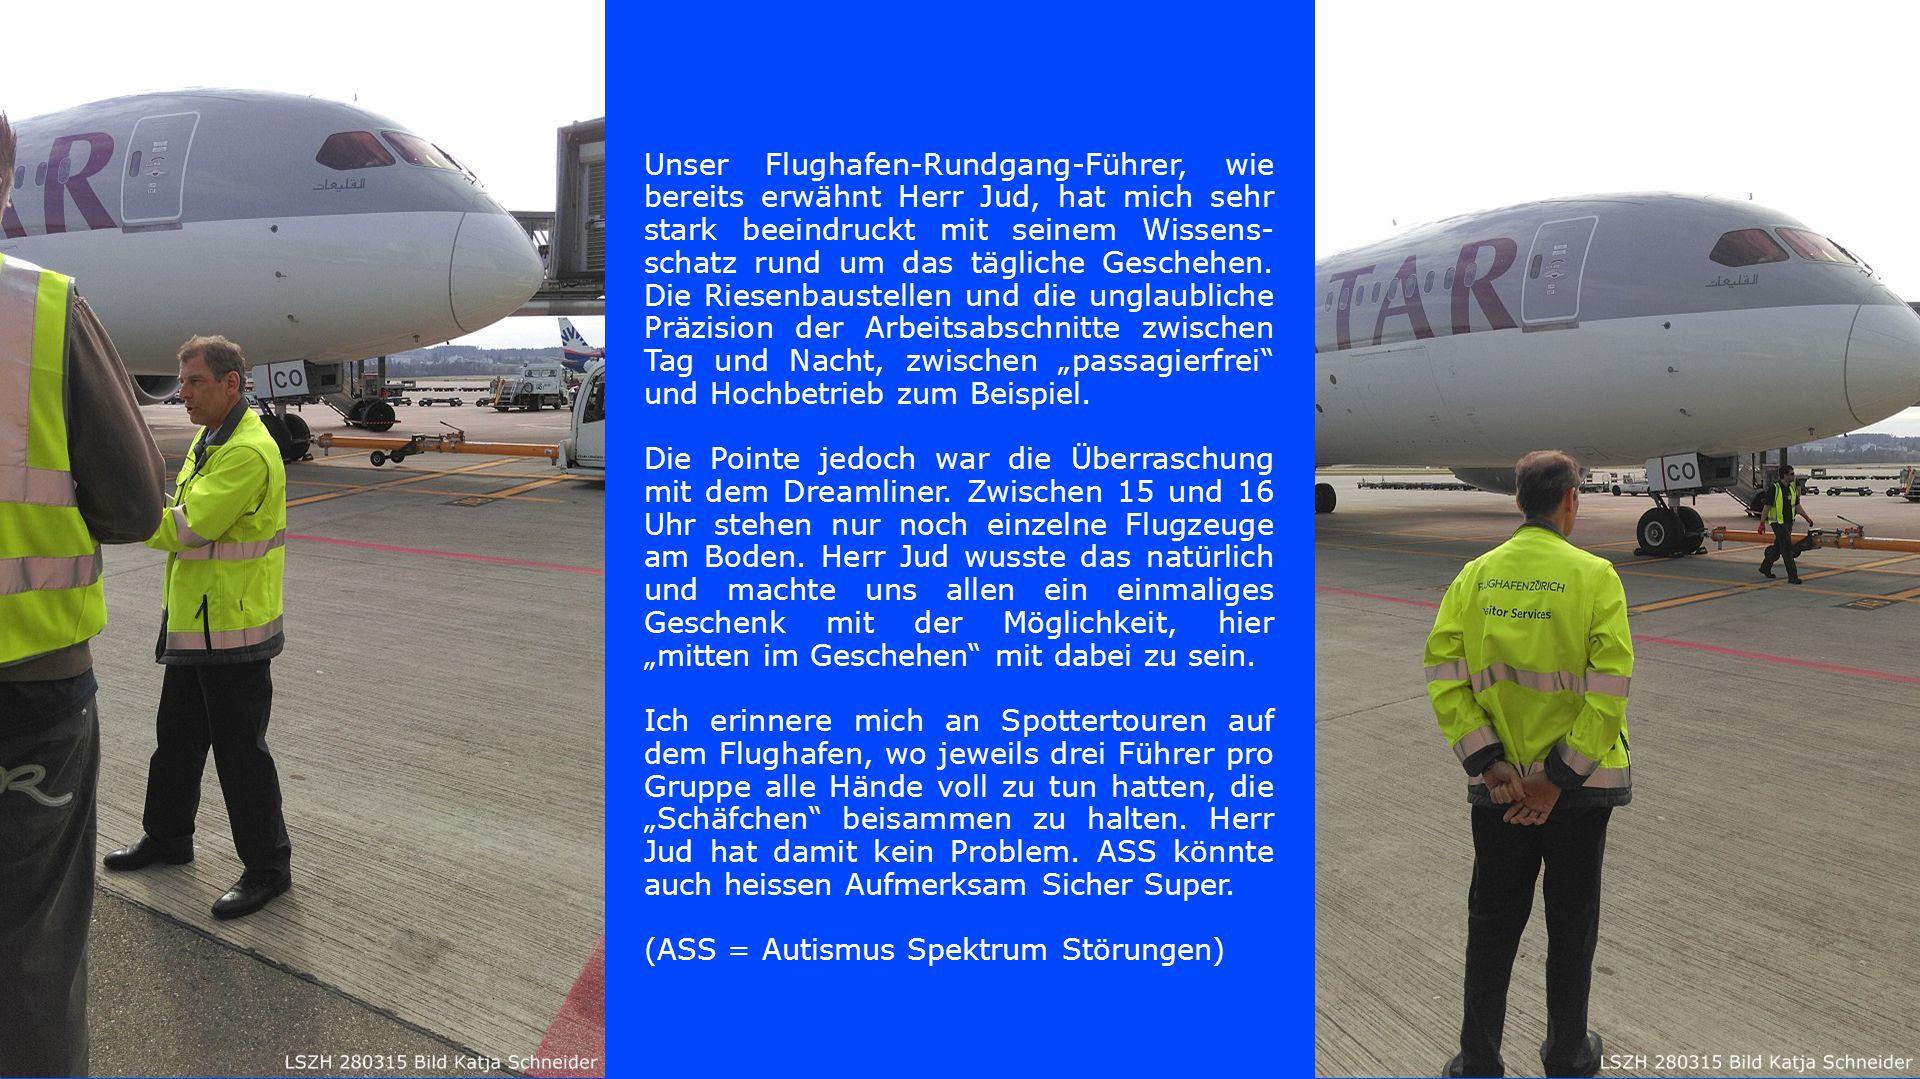 Unser Flughafen-Rundgang-Führer, wie bereits erwähnt Herr Jud, hat mich sehr stark beeindruckt mit seinem Wissens- schatz rund um das tägliche Gescheh